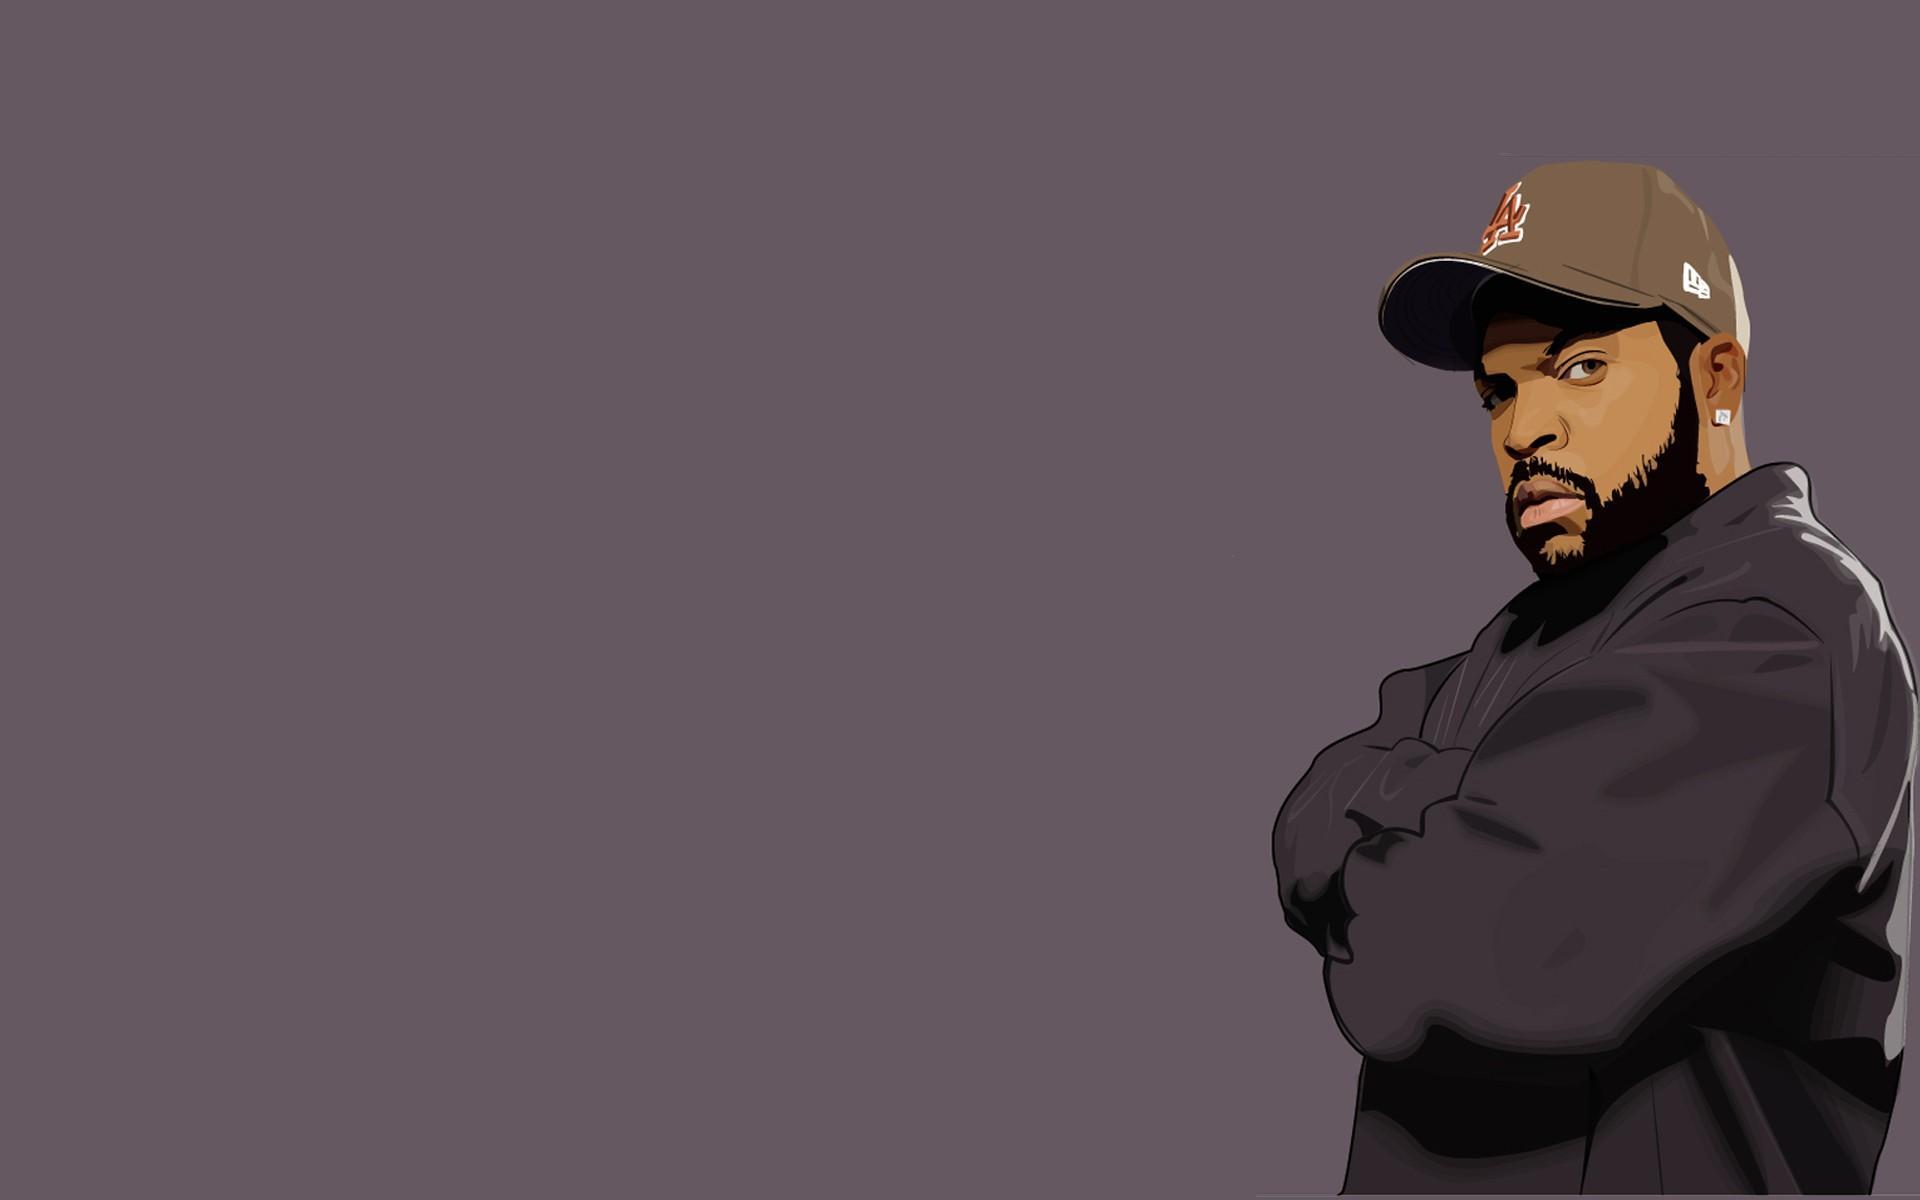 Rap Images Download 1920x1200